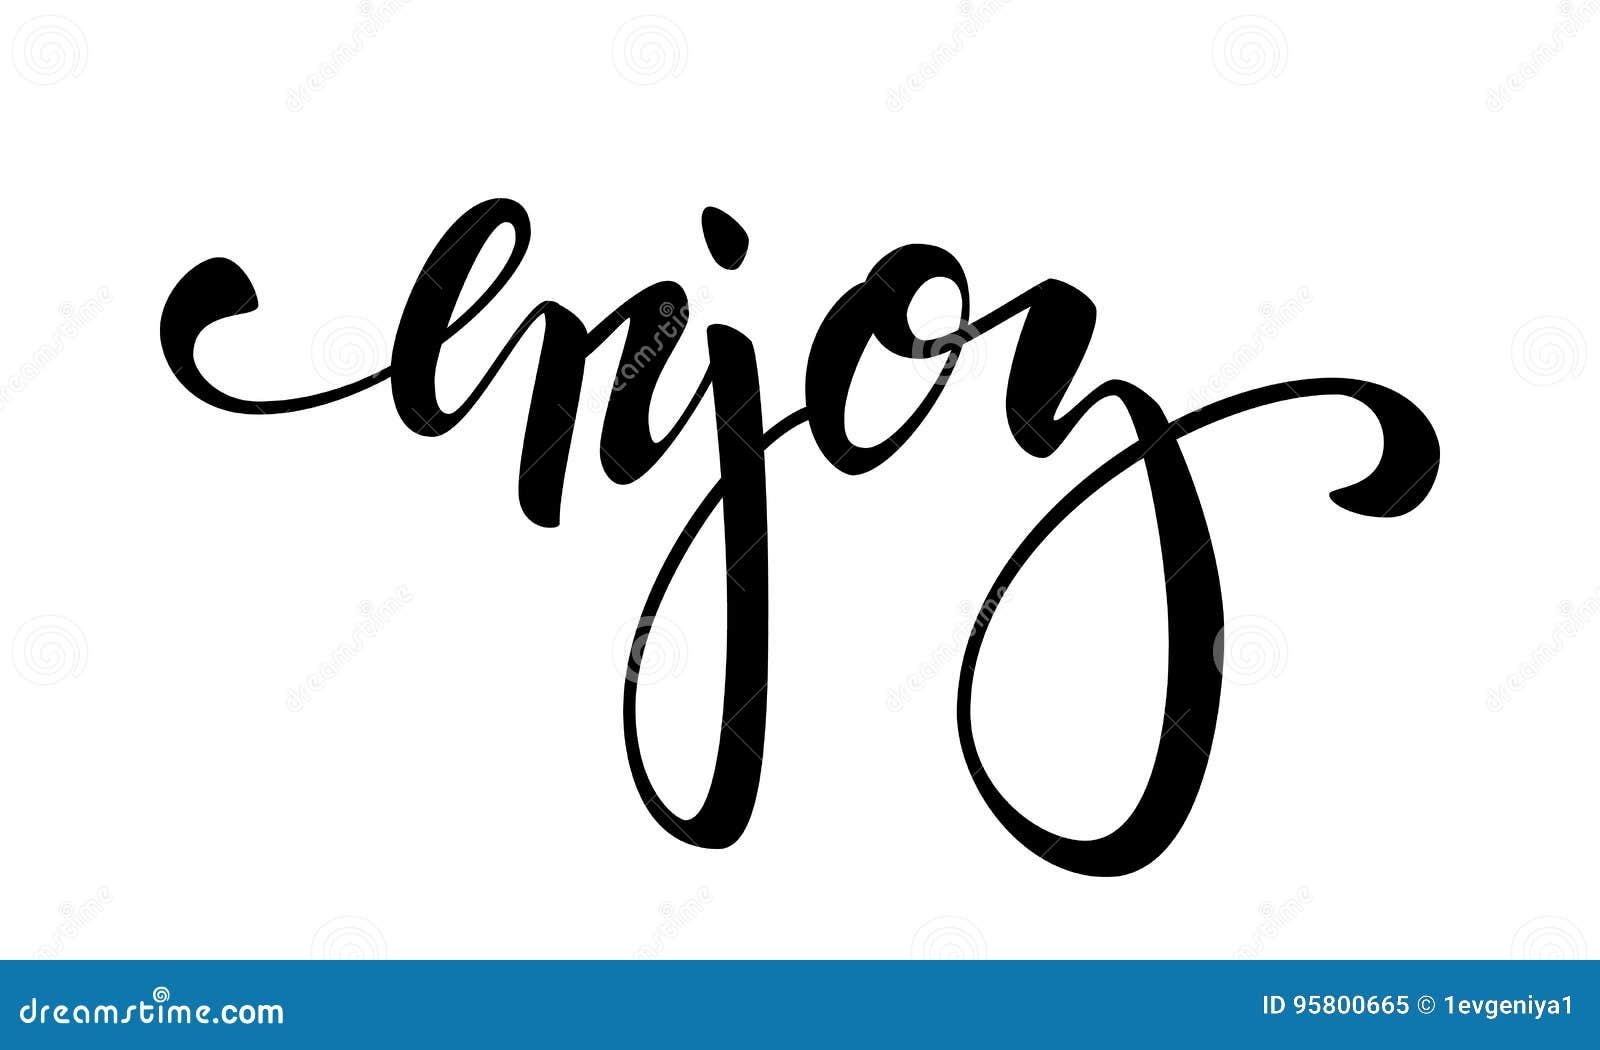 Lettering Inspirational Poster Enjoy  Hand Drawn Brush Pen